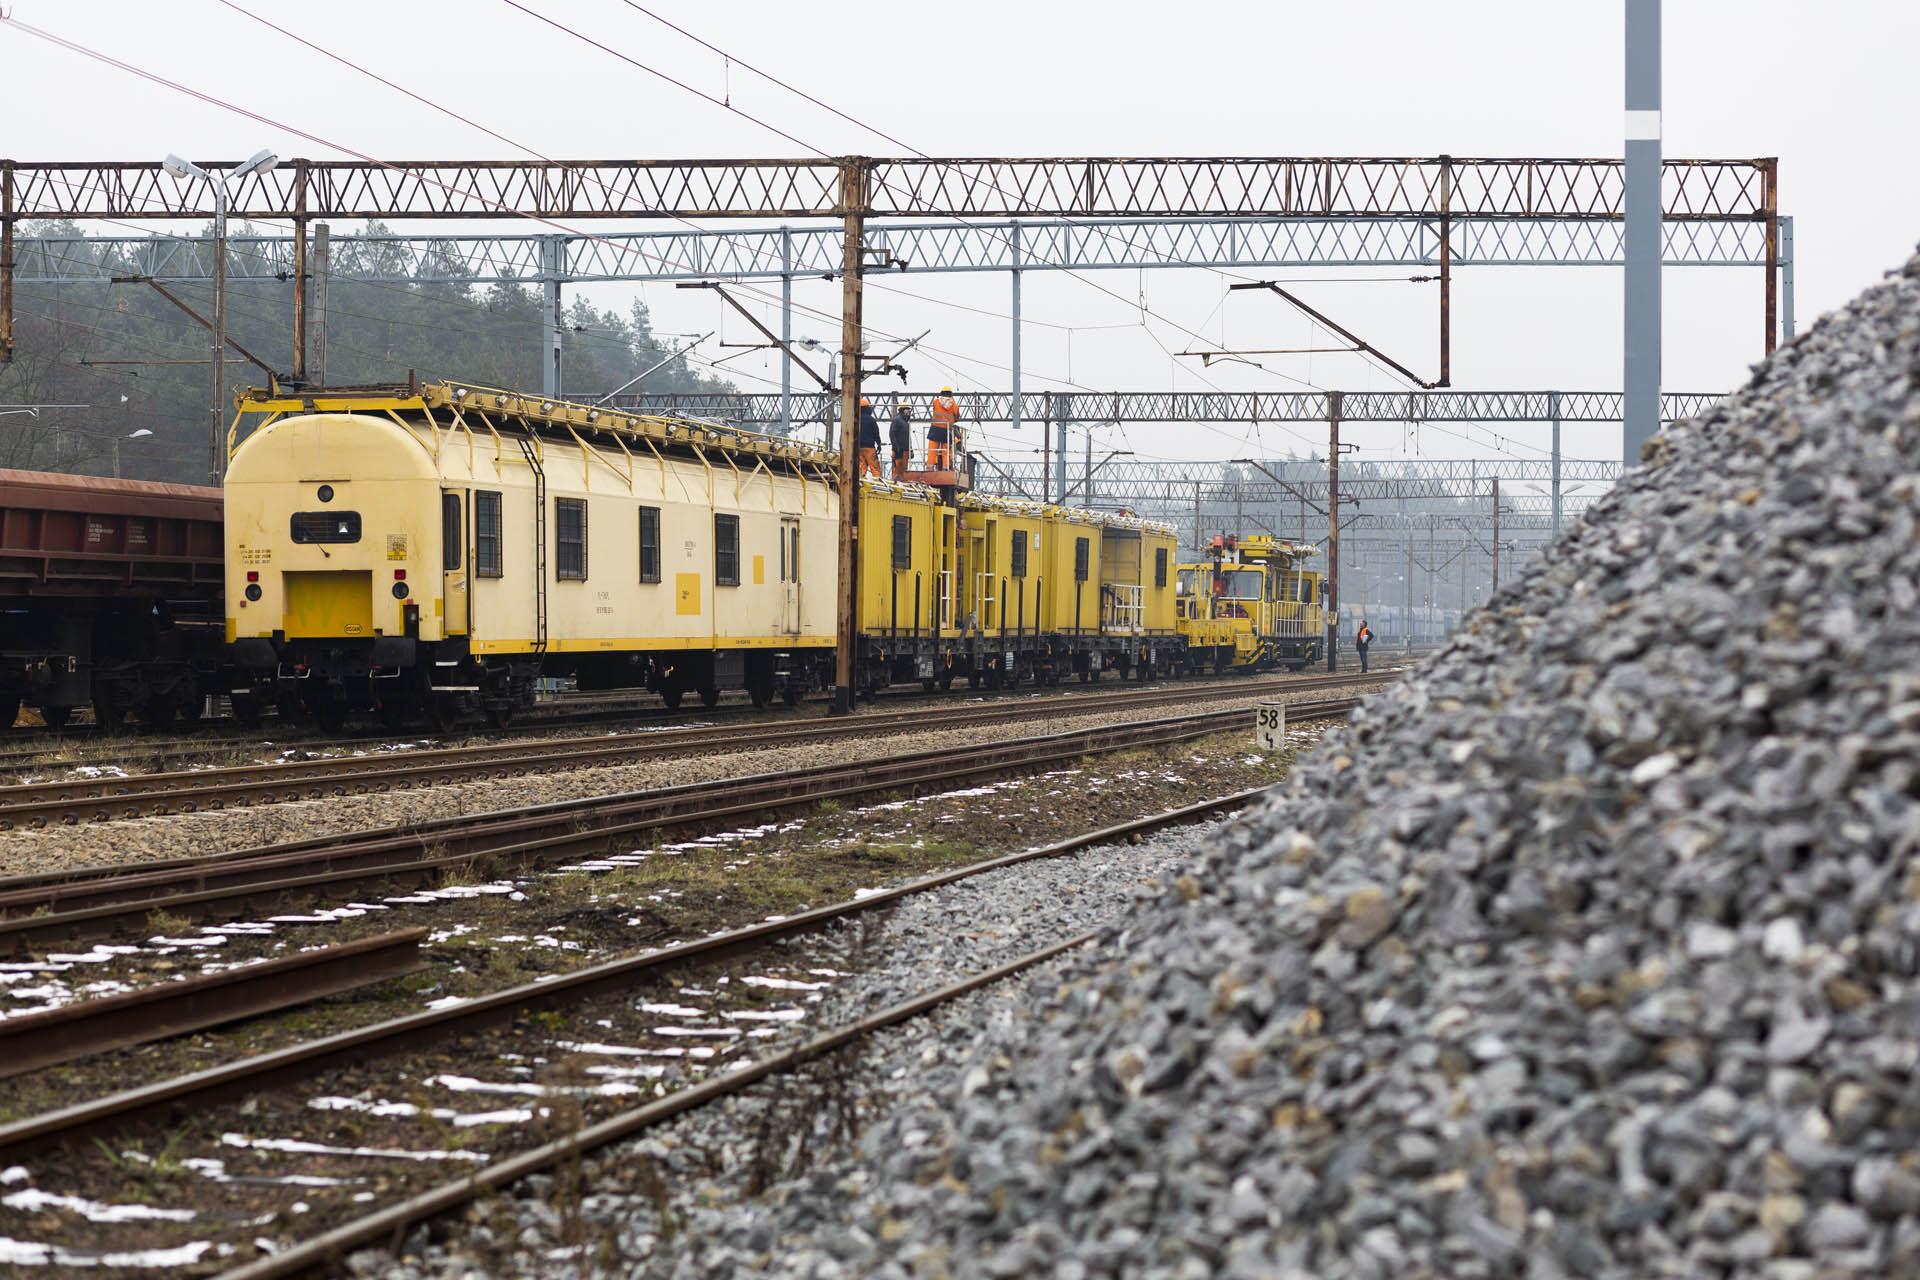 Obrazek: pociąg do podwieszana trakcji